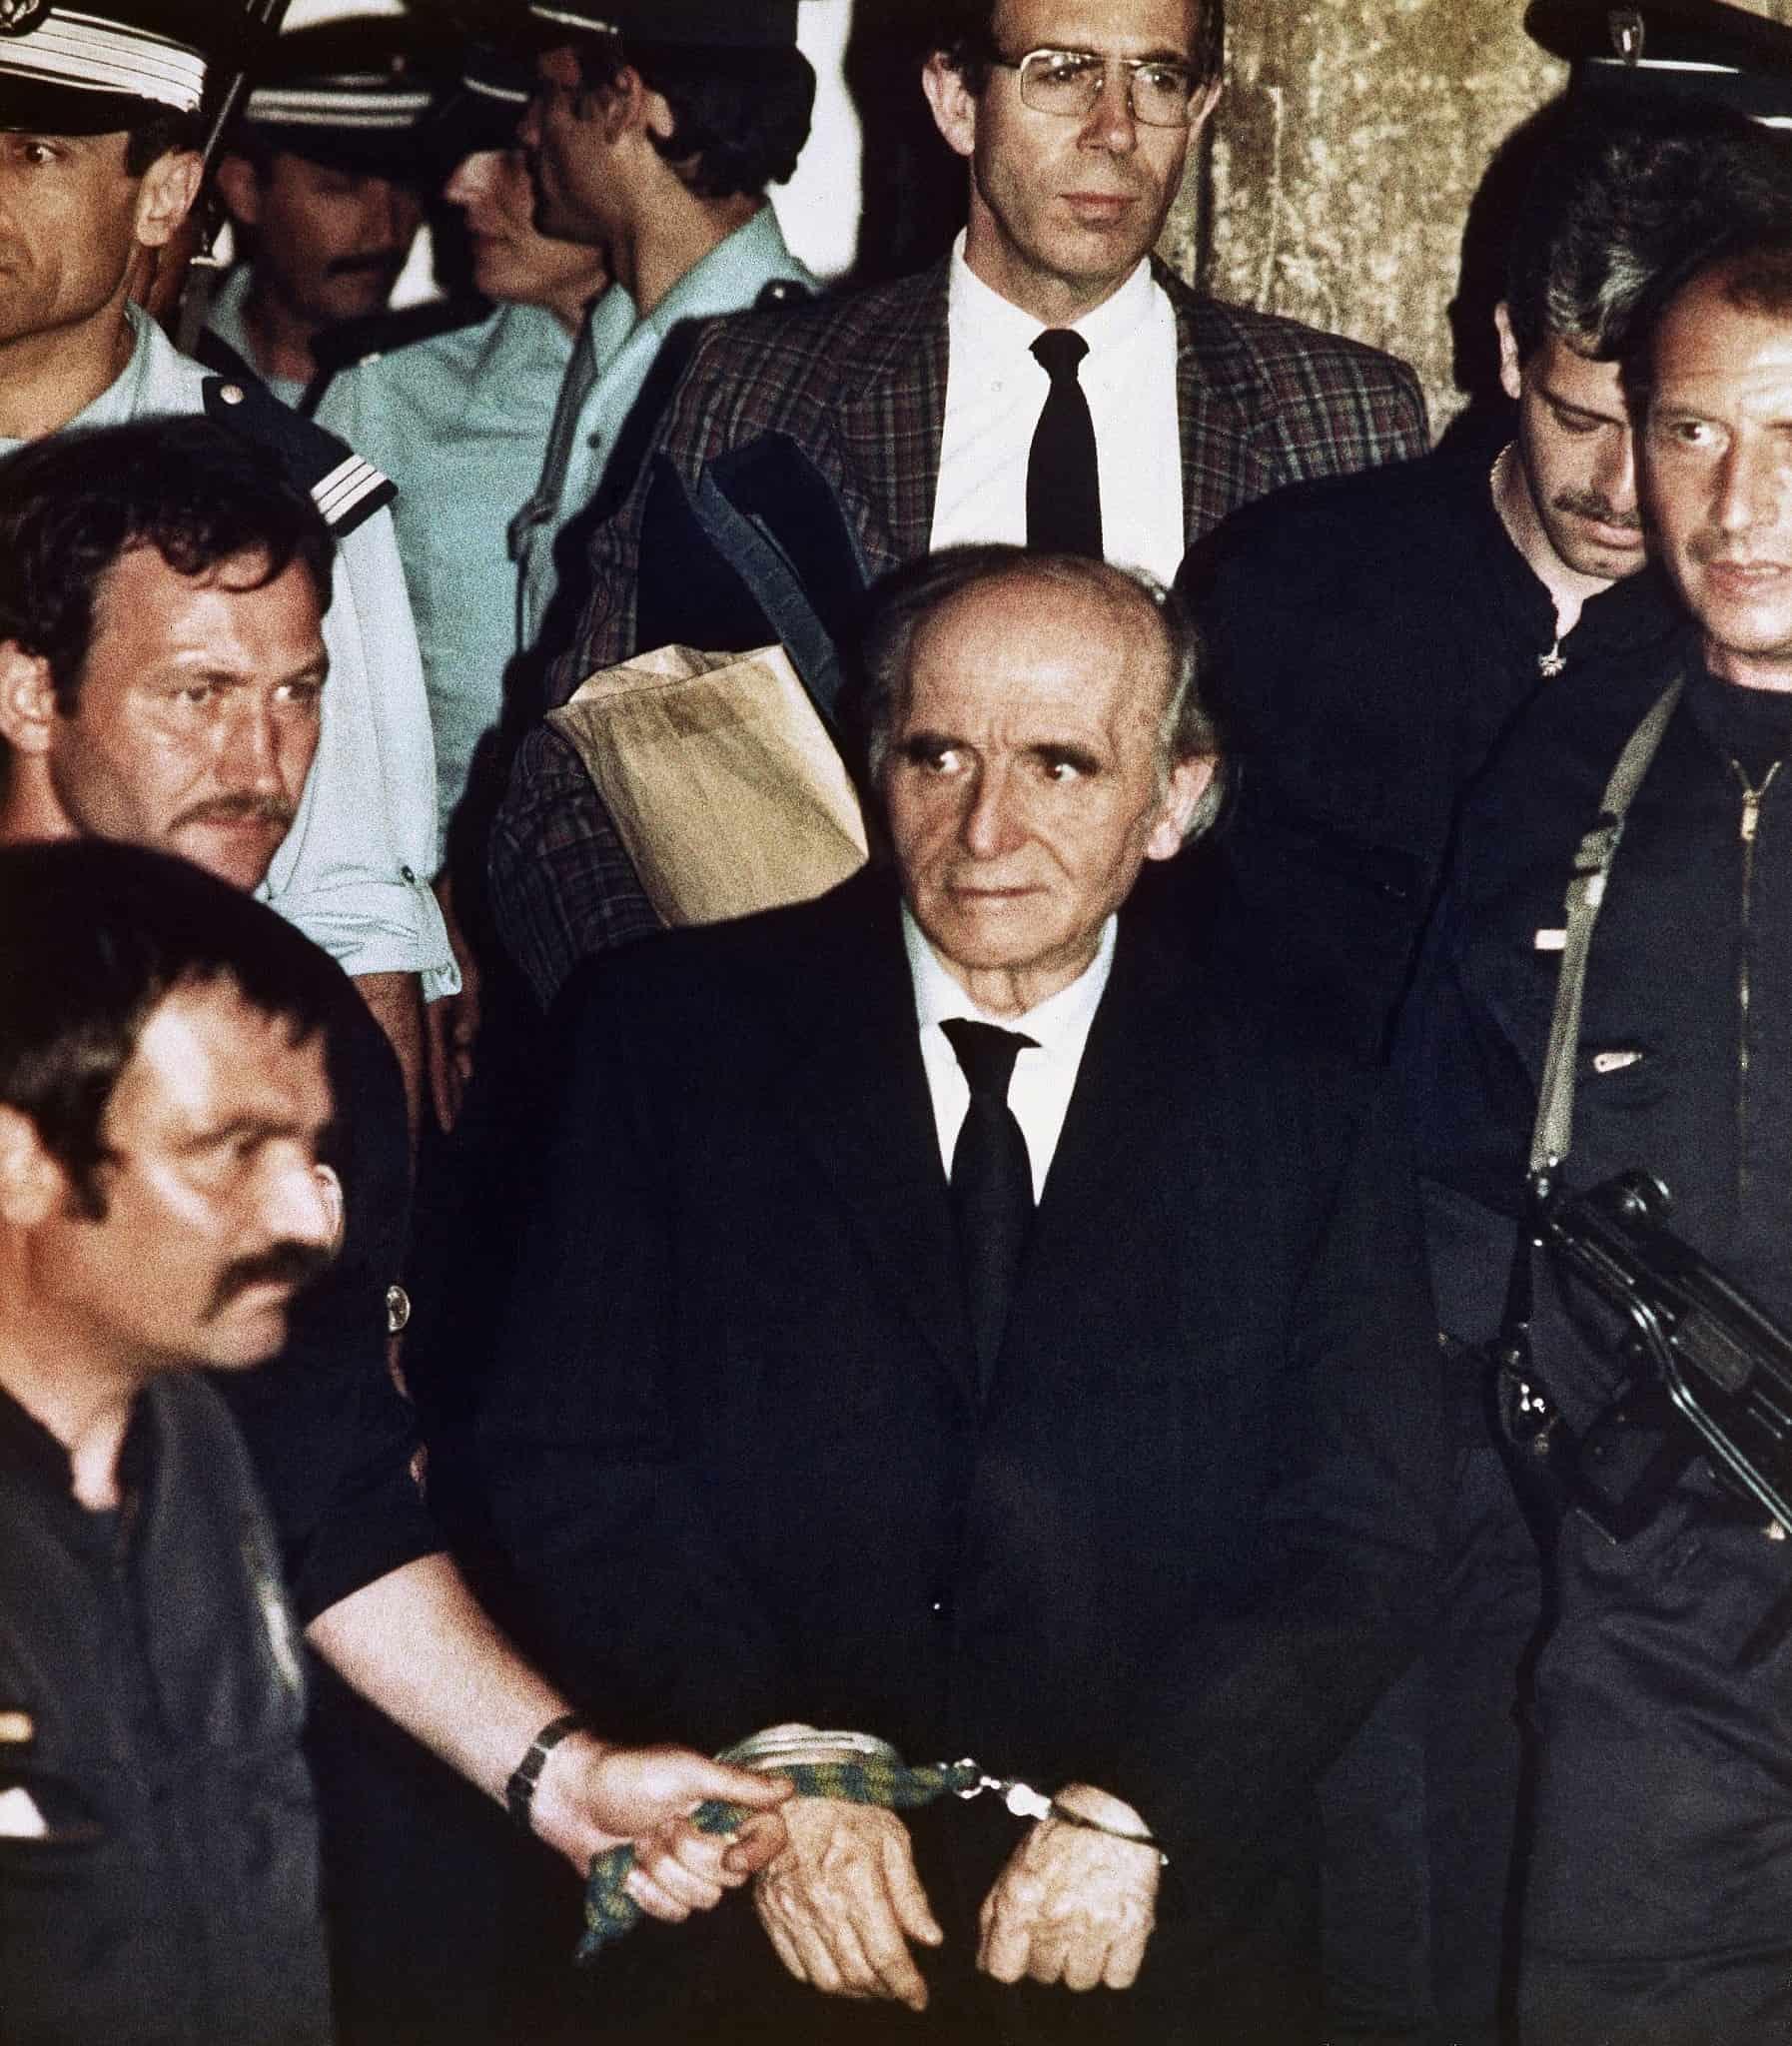 קלאוס ברבי, הקצב מליון, לאחר הרשעתו ב-1987 (צילום: AP Photo/Laurent Rebours))